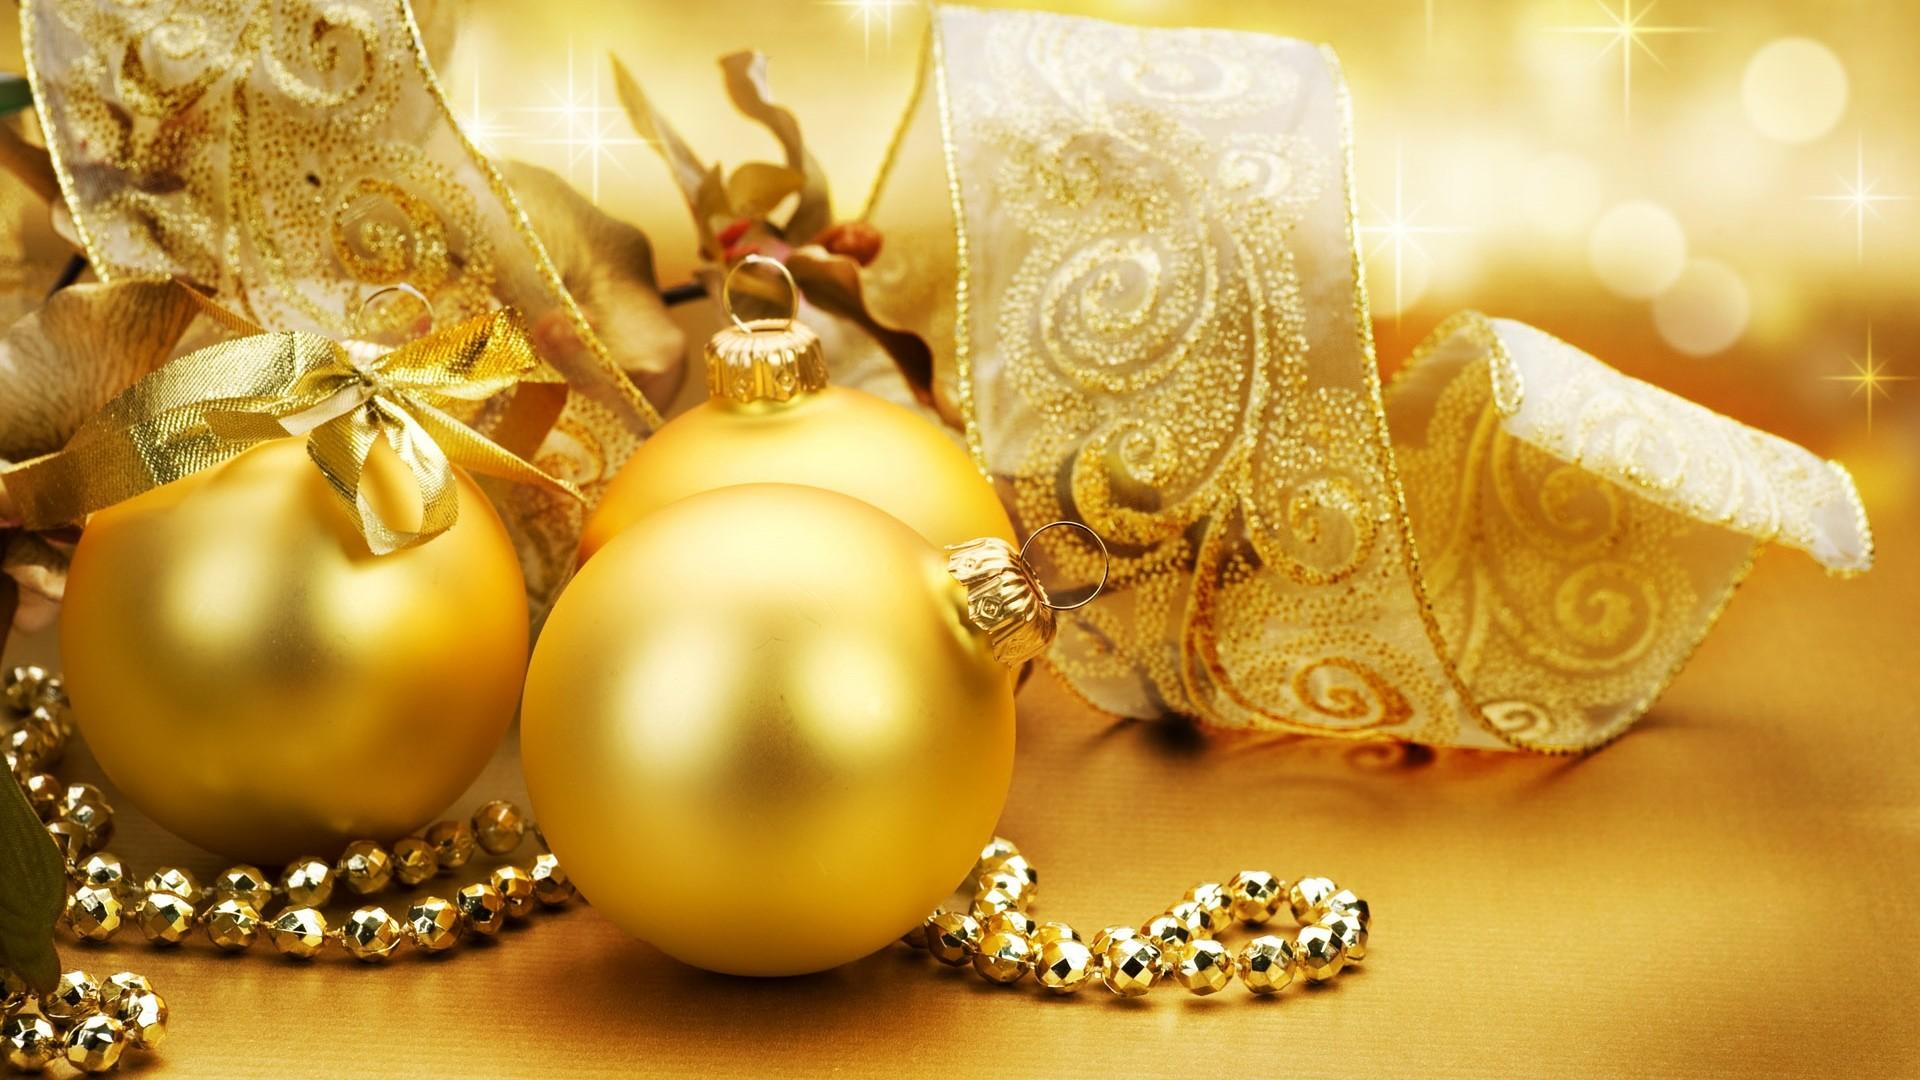 … Christmas-Wallpaper-3F7-free-hd …